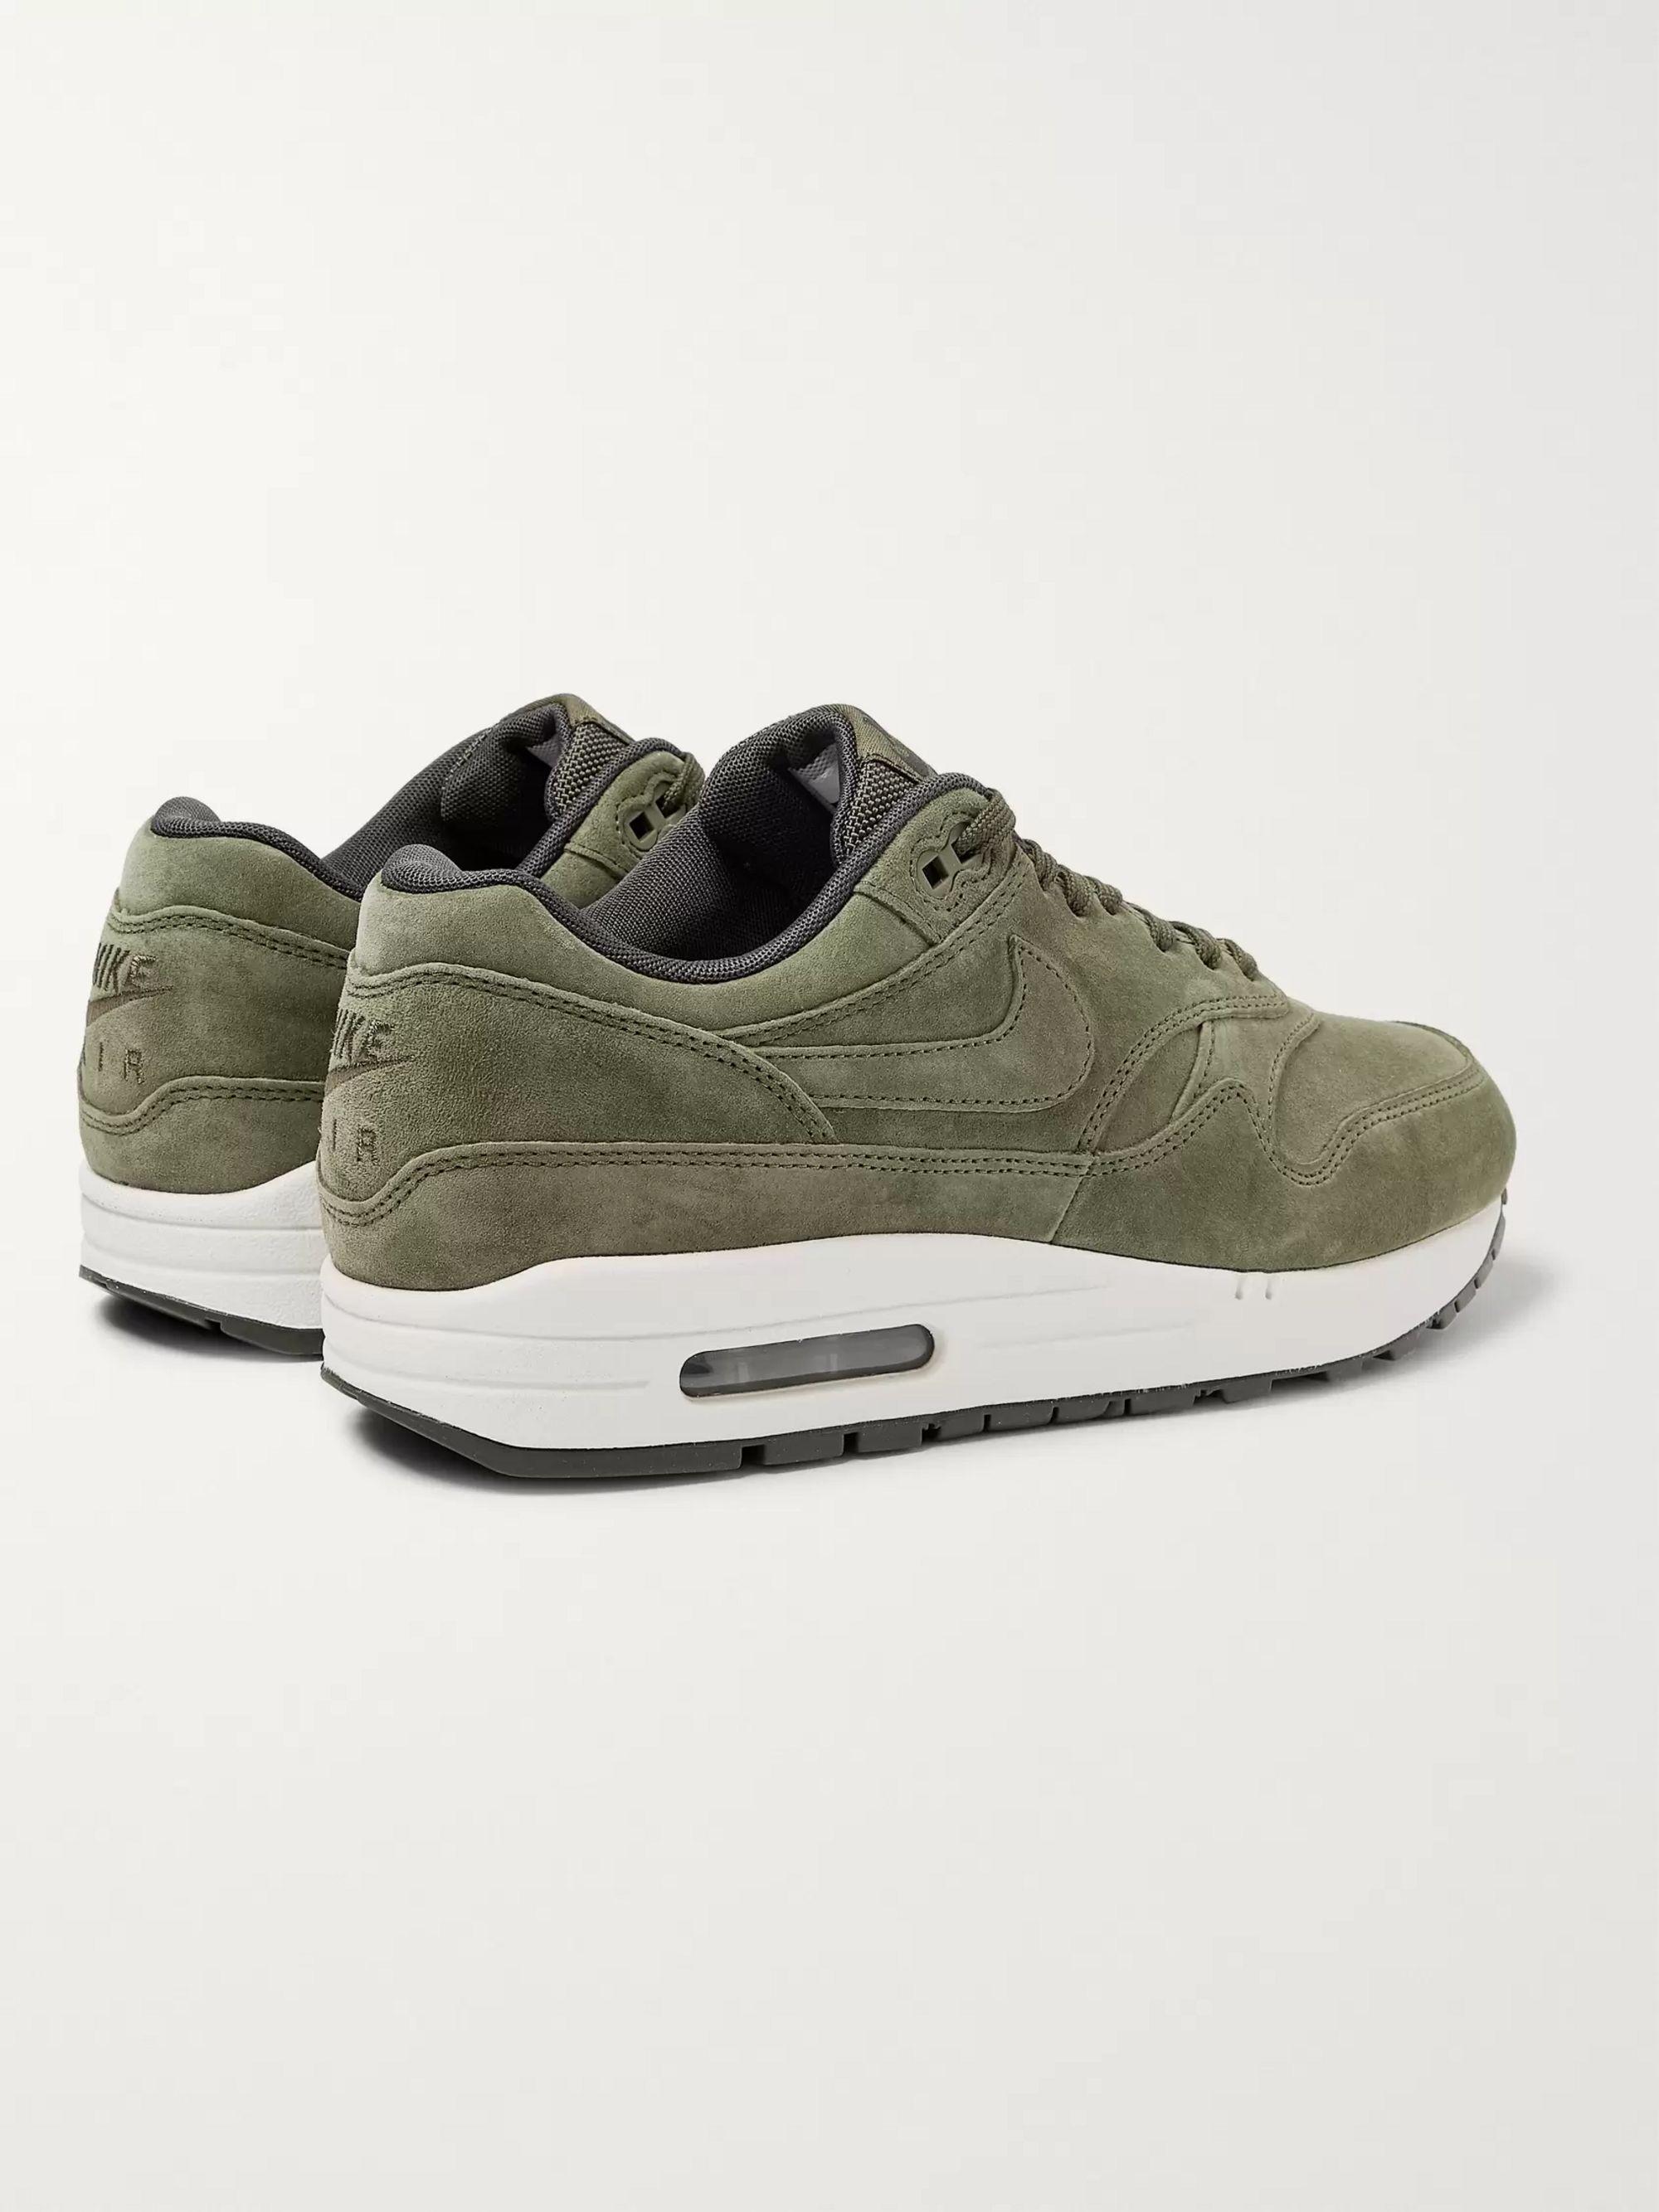 Nike Air Max 1 Premium Olive